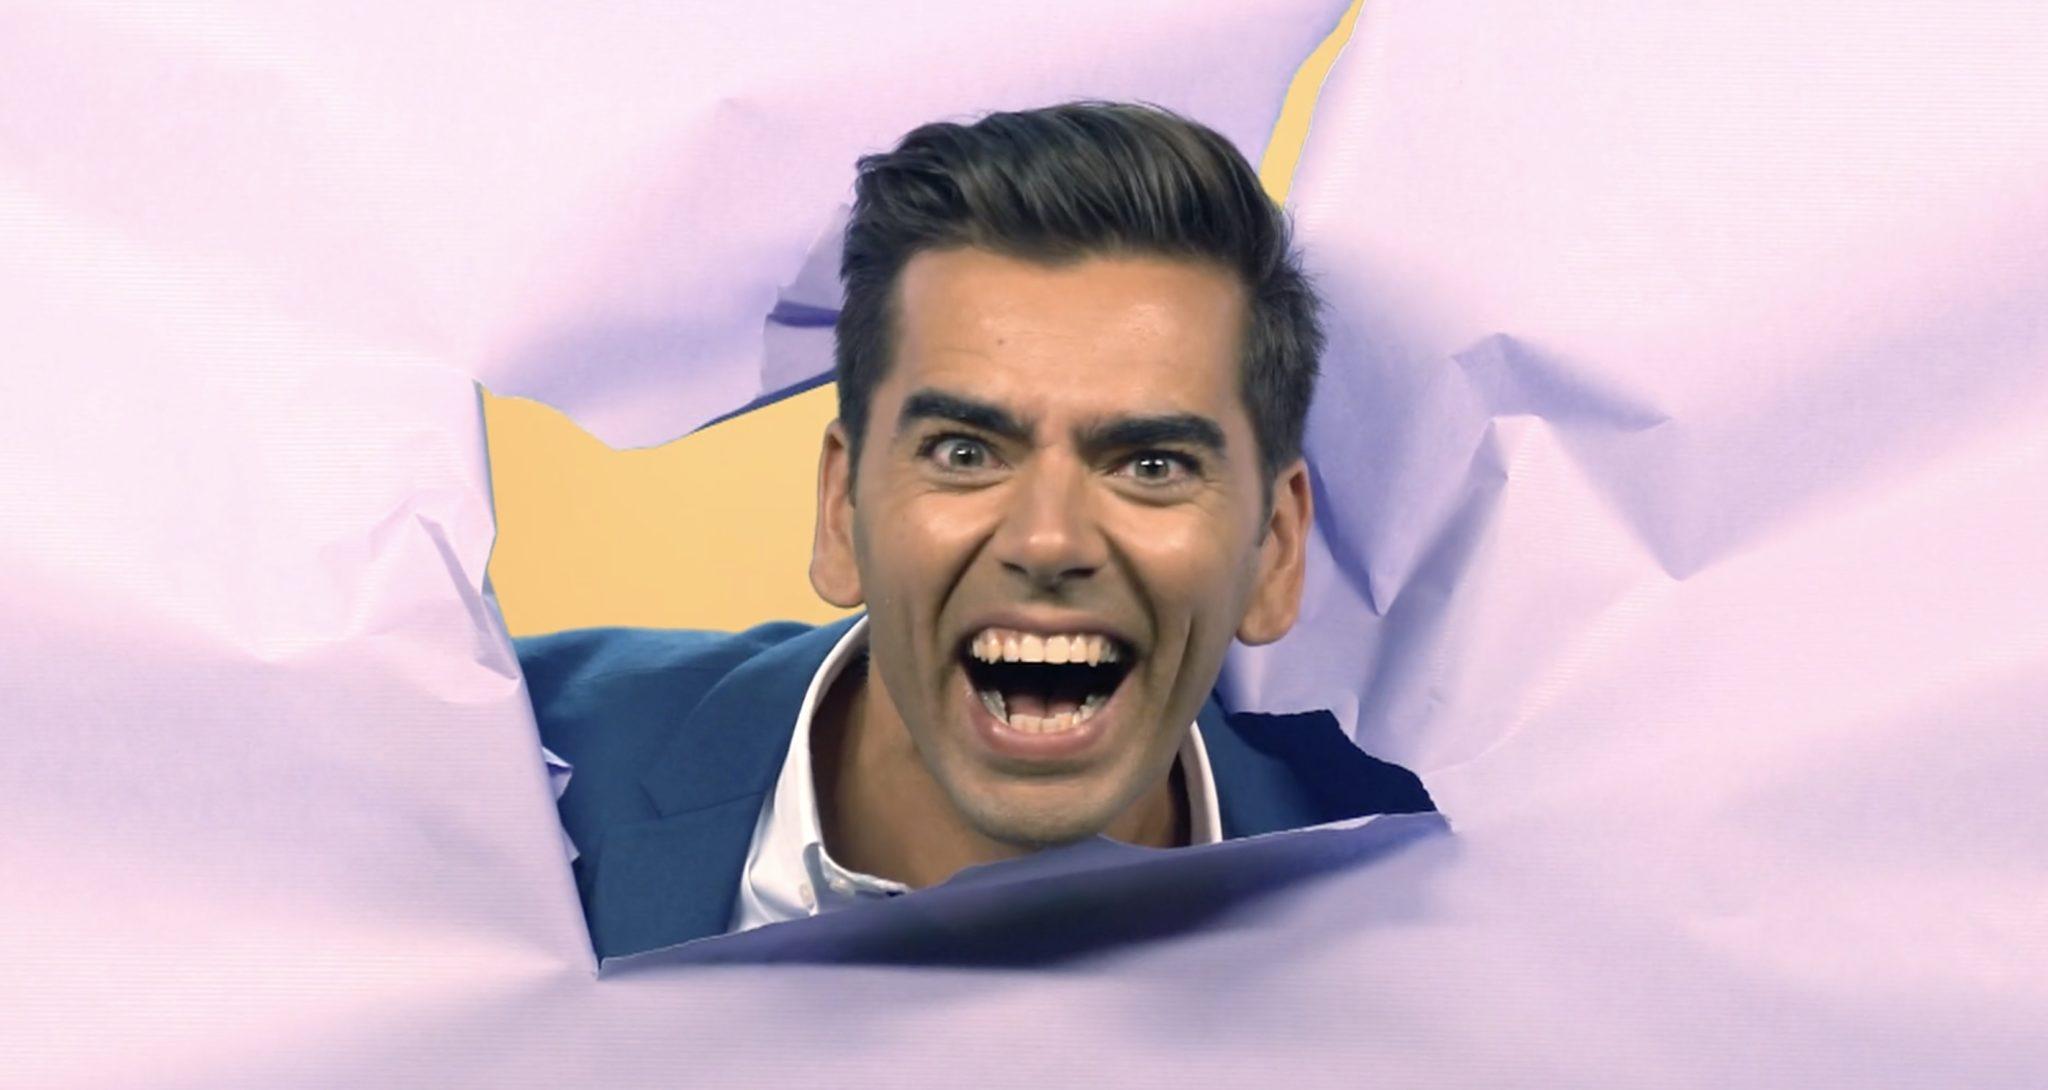 pedro fernandes tvi Pedro Fernandes revela nome e detalhes do seu novo programa na TVI